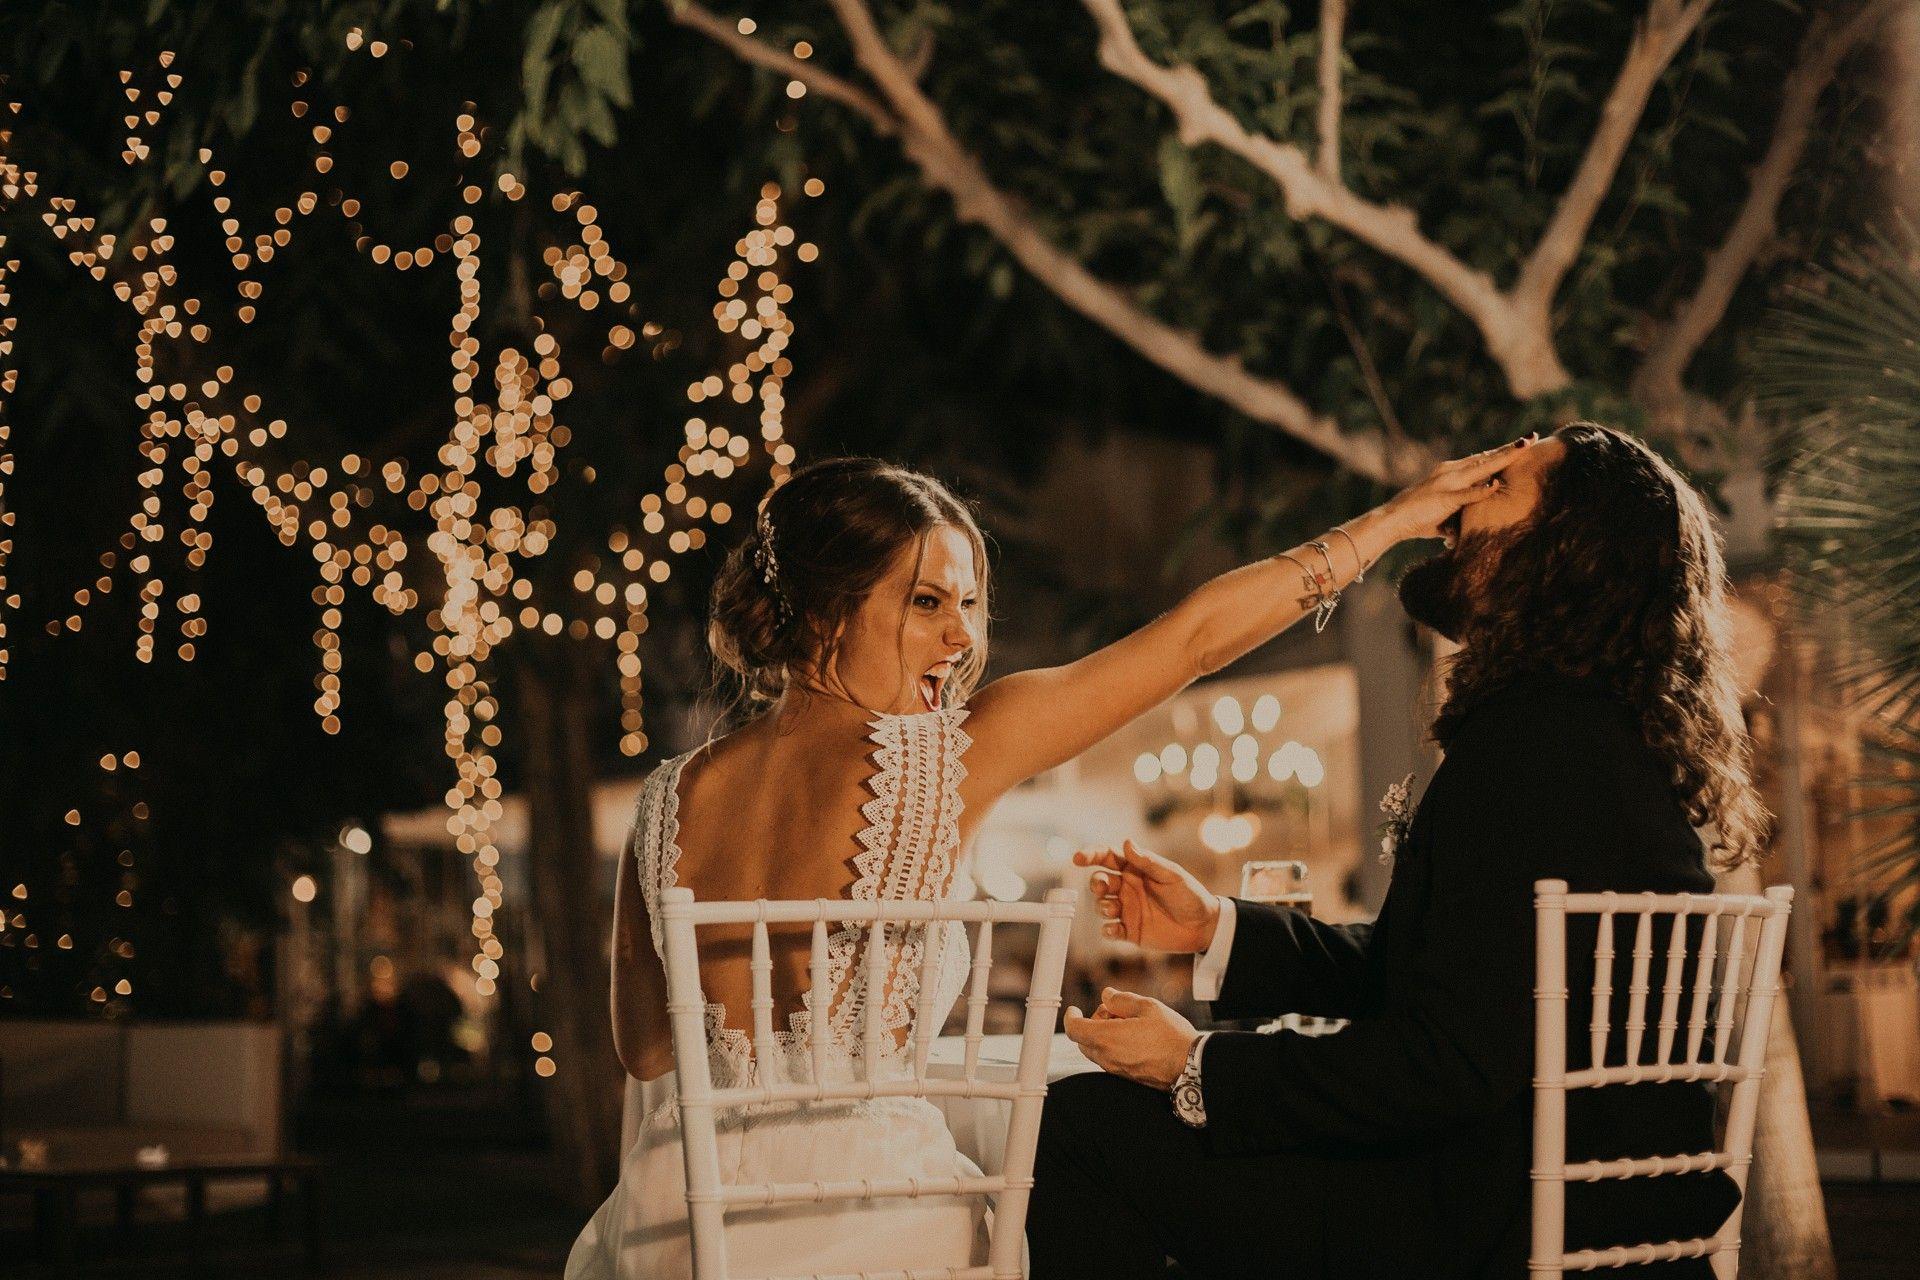 fotografia de boda sin posdados